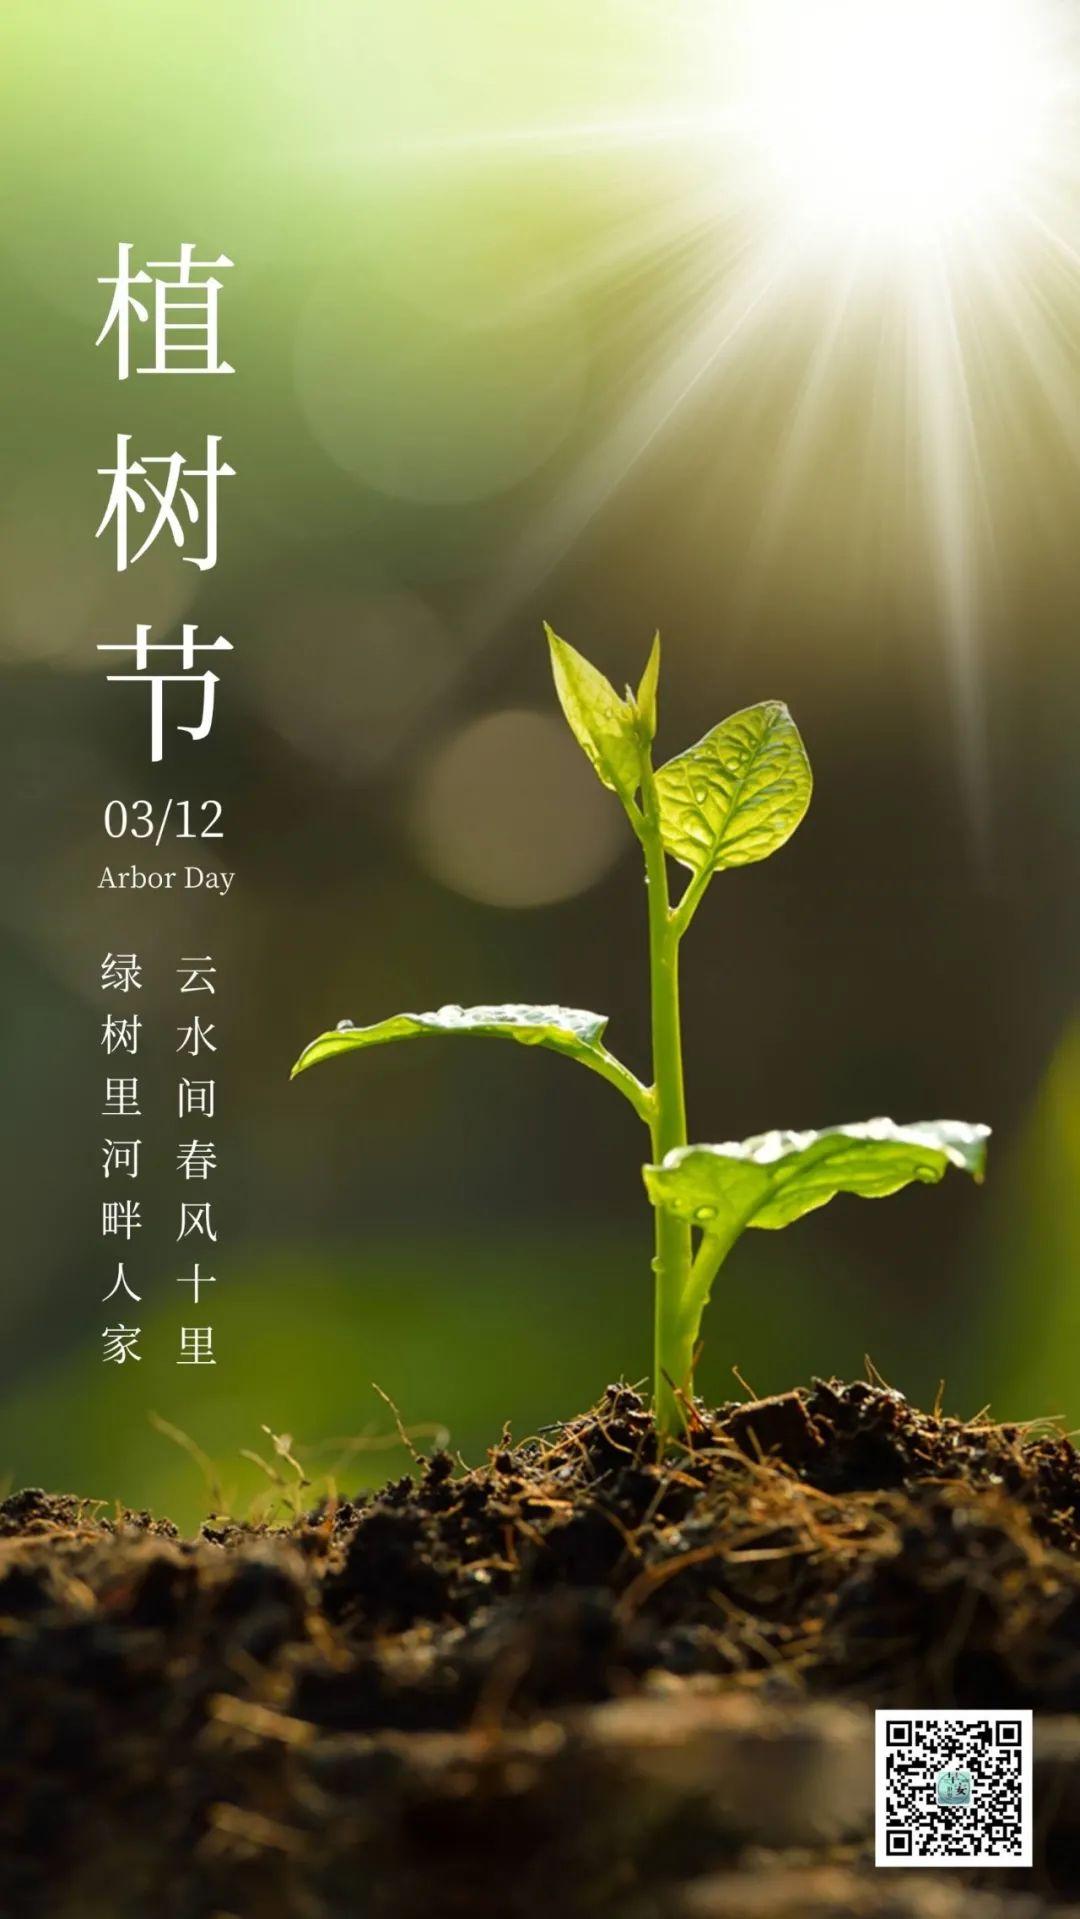 3月12日朋友圈植树节文案:大手拉小手,同栽一片绿!插图4